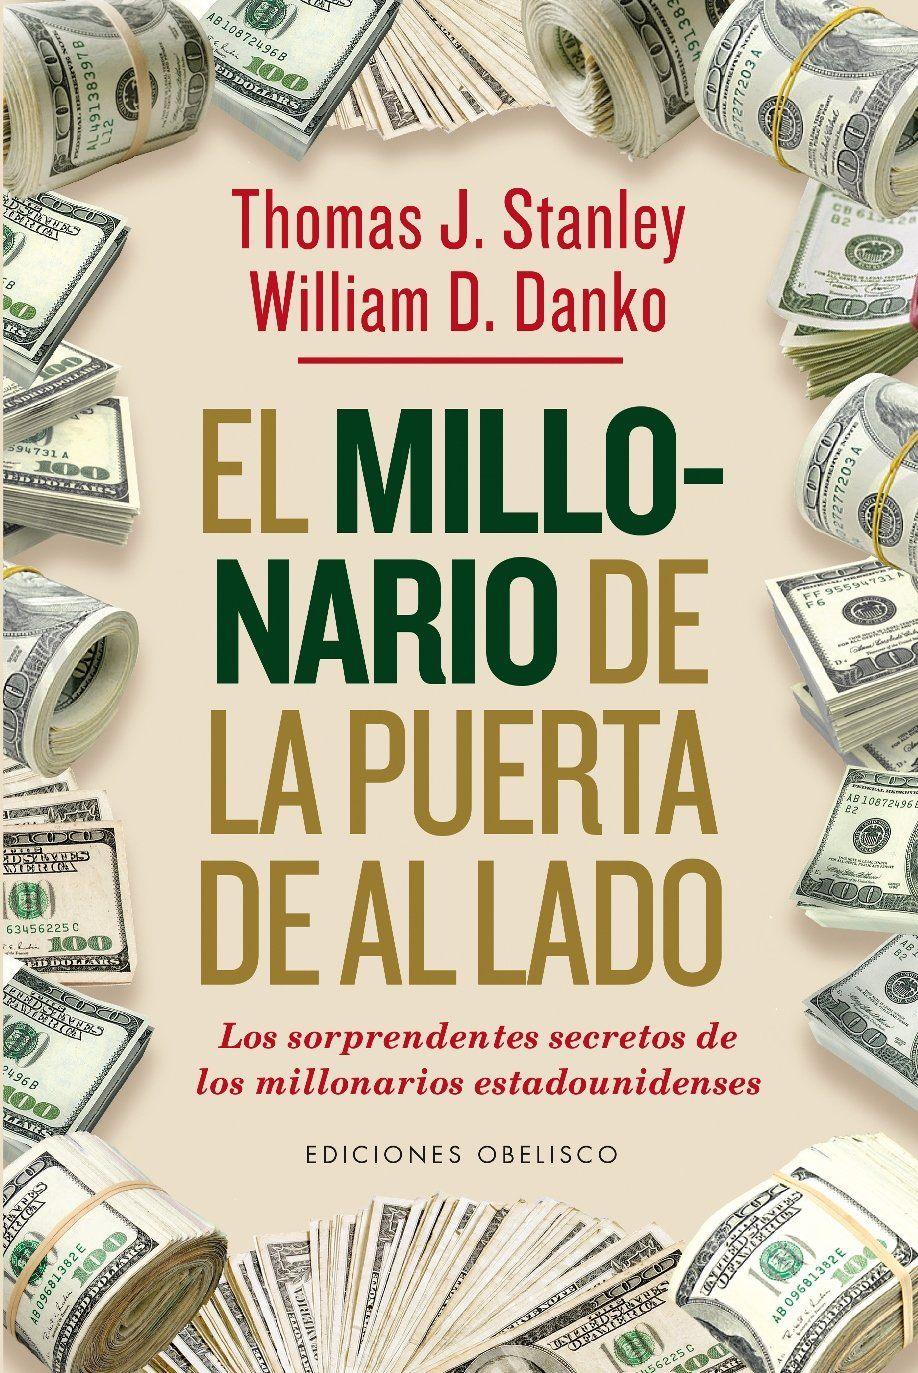 El Millonario de Al Lado: resumen del libro de Thomas Stanley